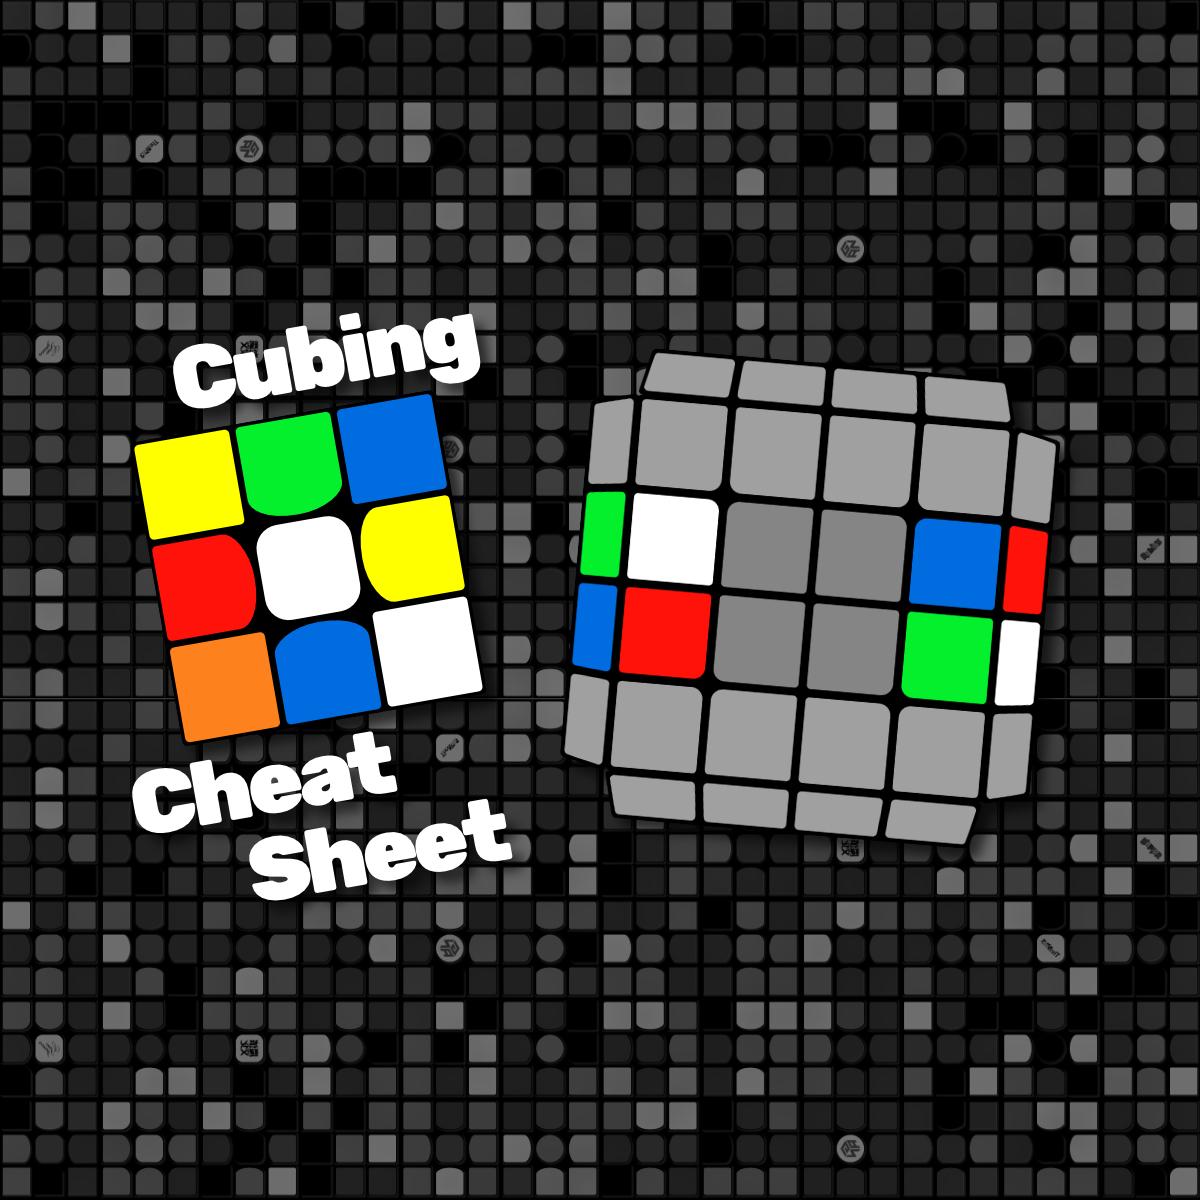 Dan's Cubing Cheat [Sheet] Site - 4x4 Reduction and Parity Algorithms